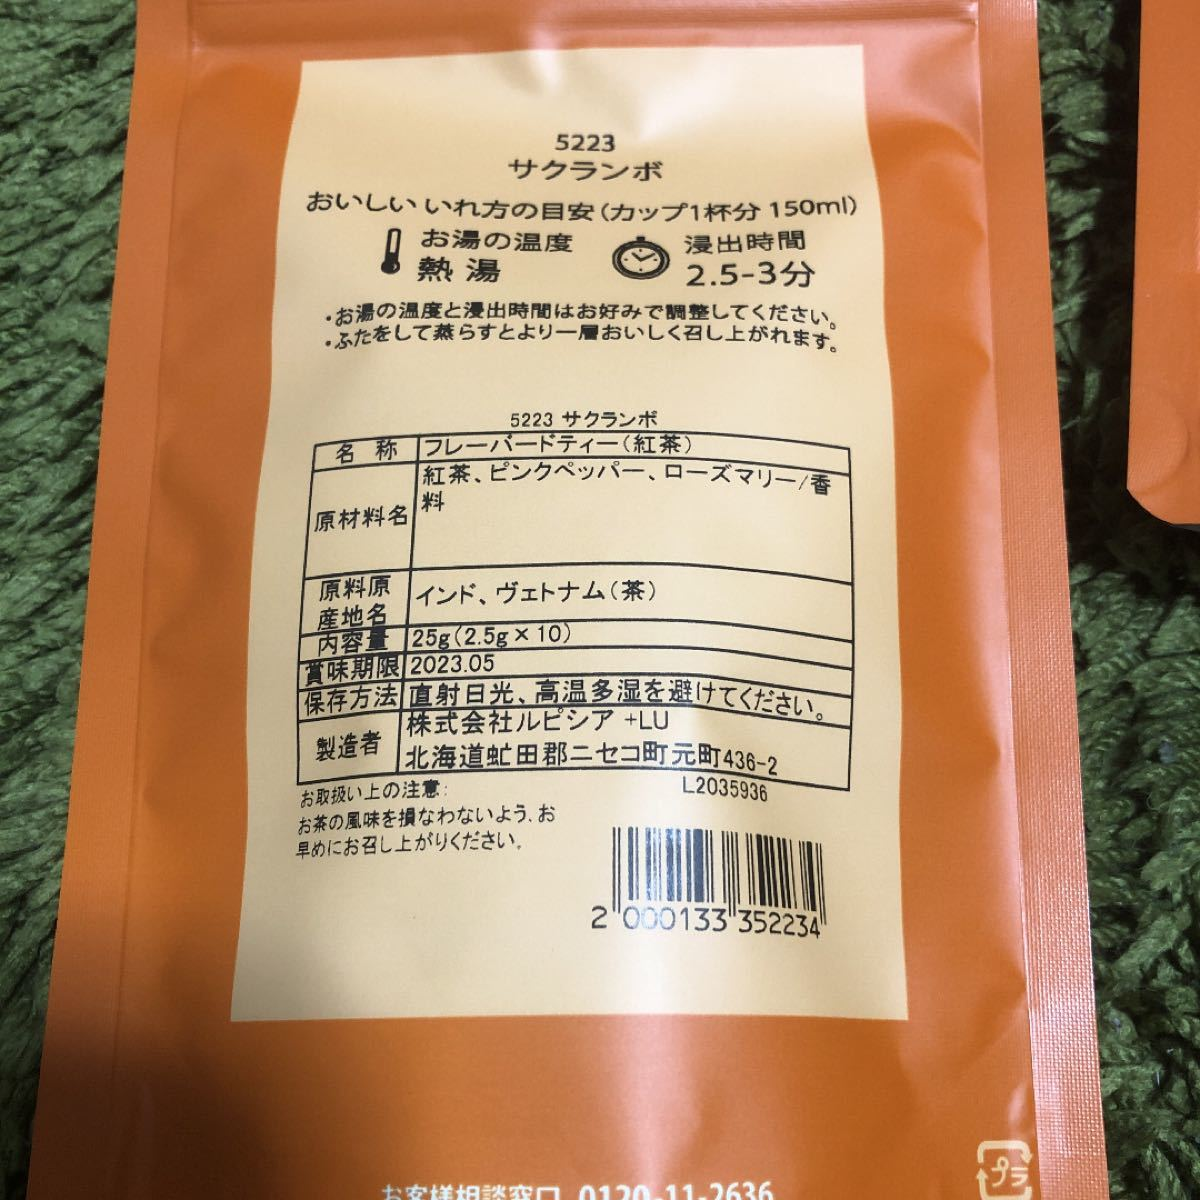 【ティーバッグ】ルピシア  サクランボ、マスカット